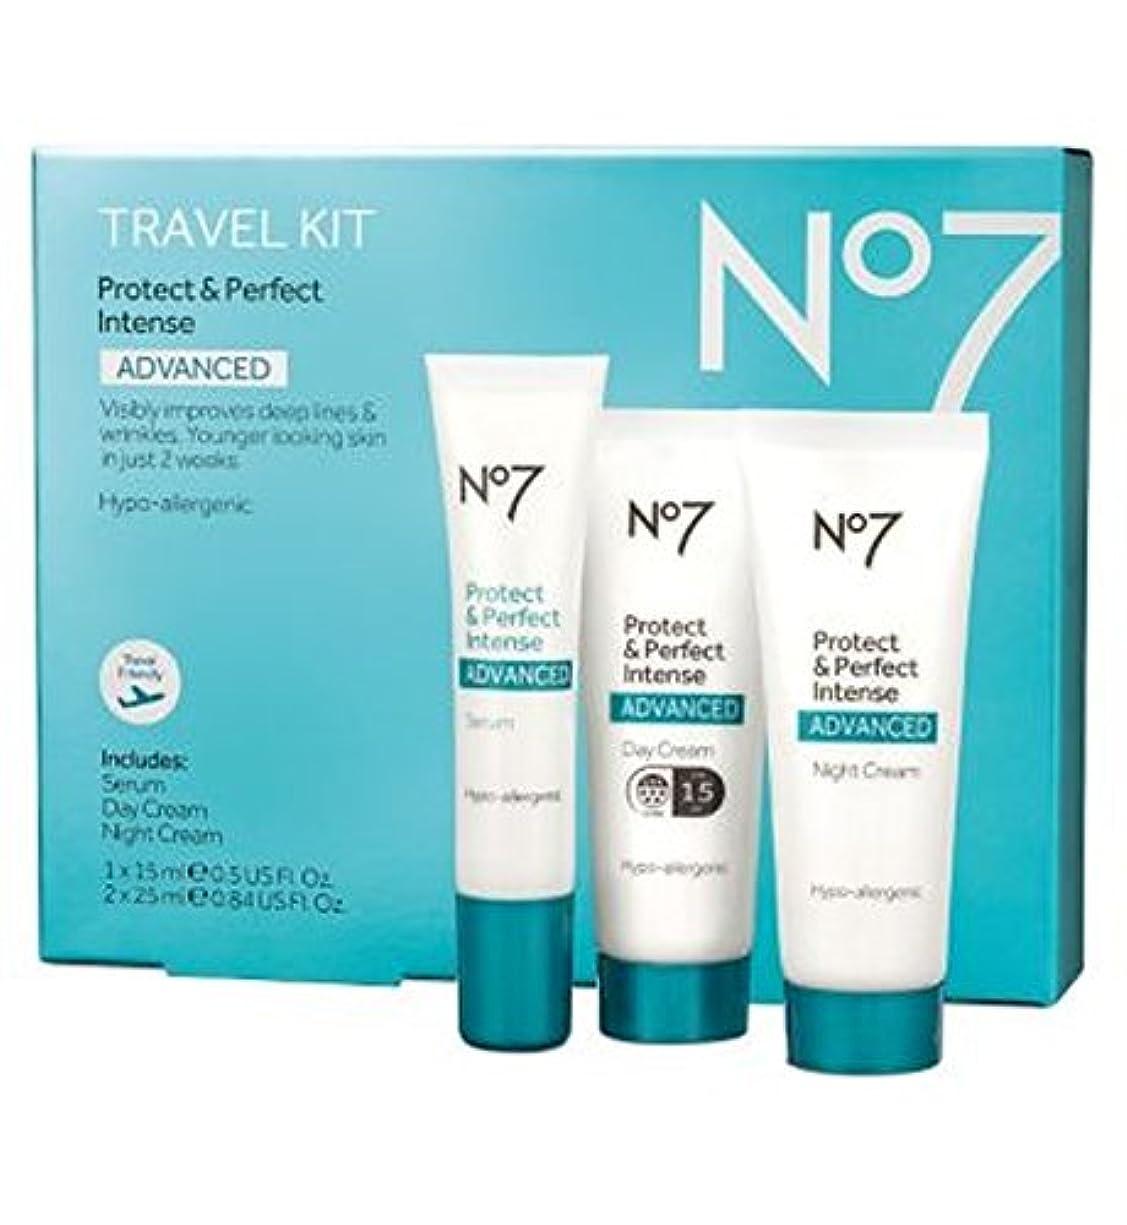 煙突セメント自分自身No7 Protect & Perfect Intense ADVANCED Travel Kit - No7保護&完璧な強烈な高度な旅行キット (No7) [並行輸入品]